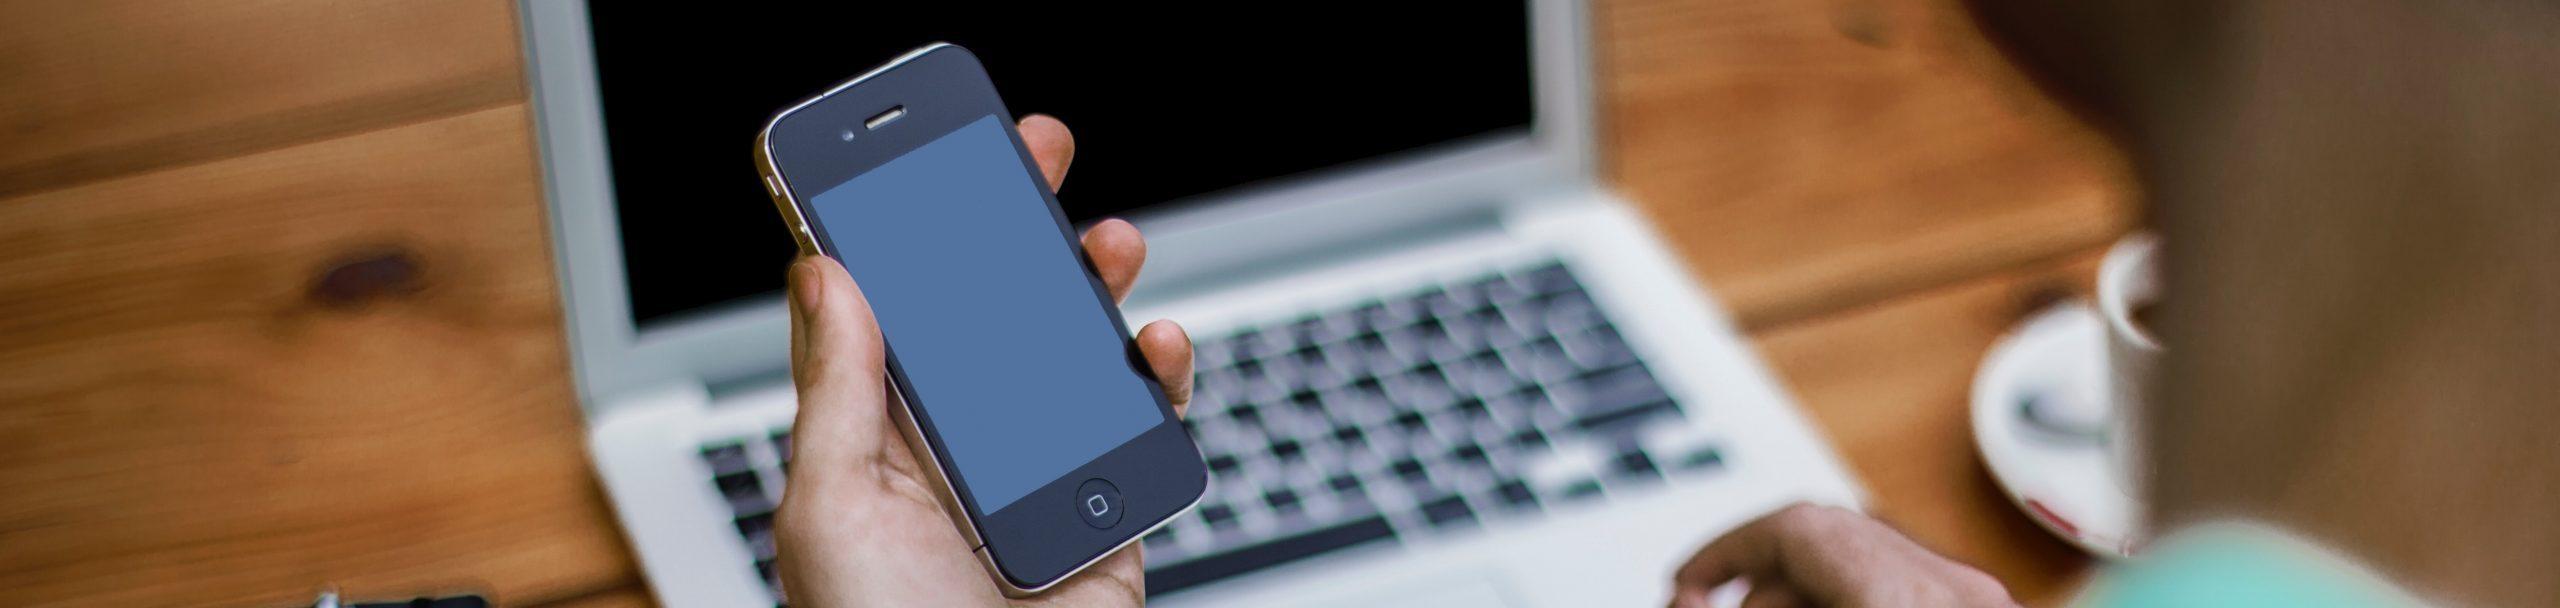 contactez nous smartphone et ordinateur